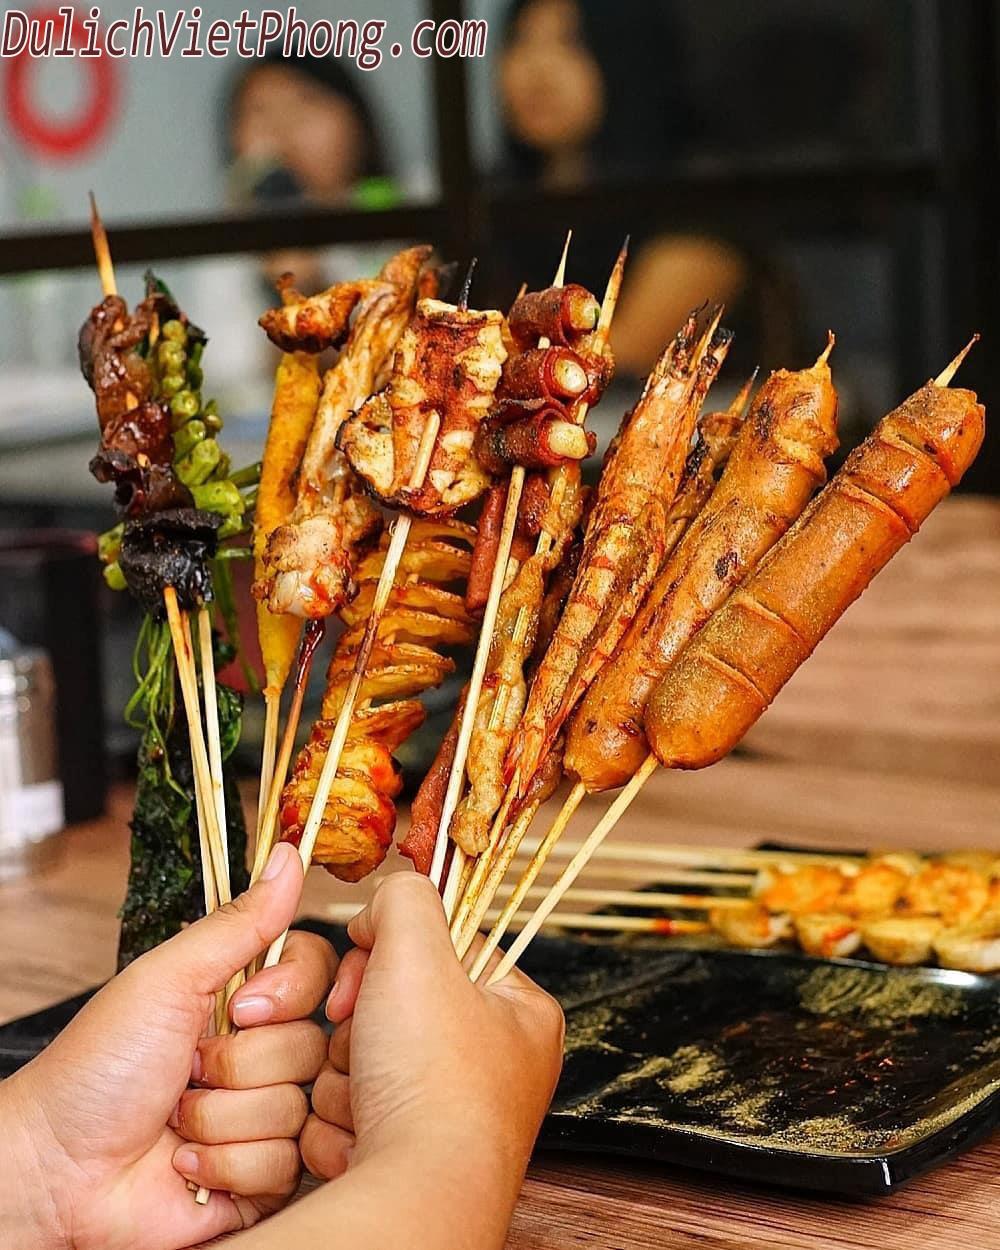 Lẩu cá cay ở đây rất đặc biệt, có mùi vị rất riêng, đậm nét ẩm thực Trung Quốc. Nước dùng mặn và cay, bên trong gồm nhiều cá, gừng, ớt, giá, rau thơm và sợi mì tươi. Khẩu phần của một nồi lẩu thường thích hợp cho khoảng 4 người ăn. Nếu không ăn được cay, bạn có thể yêu cầu nhân viên giảm vị của nước dùng.